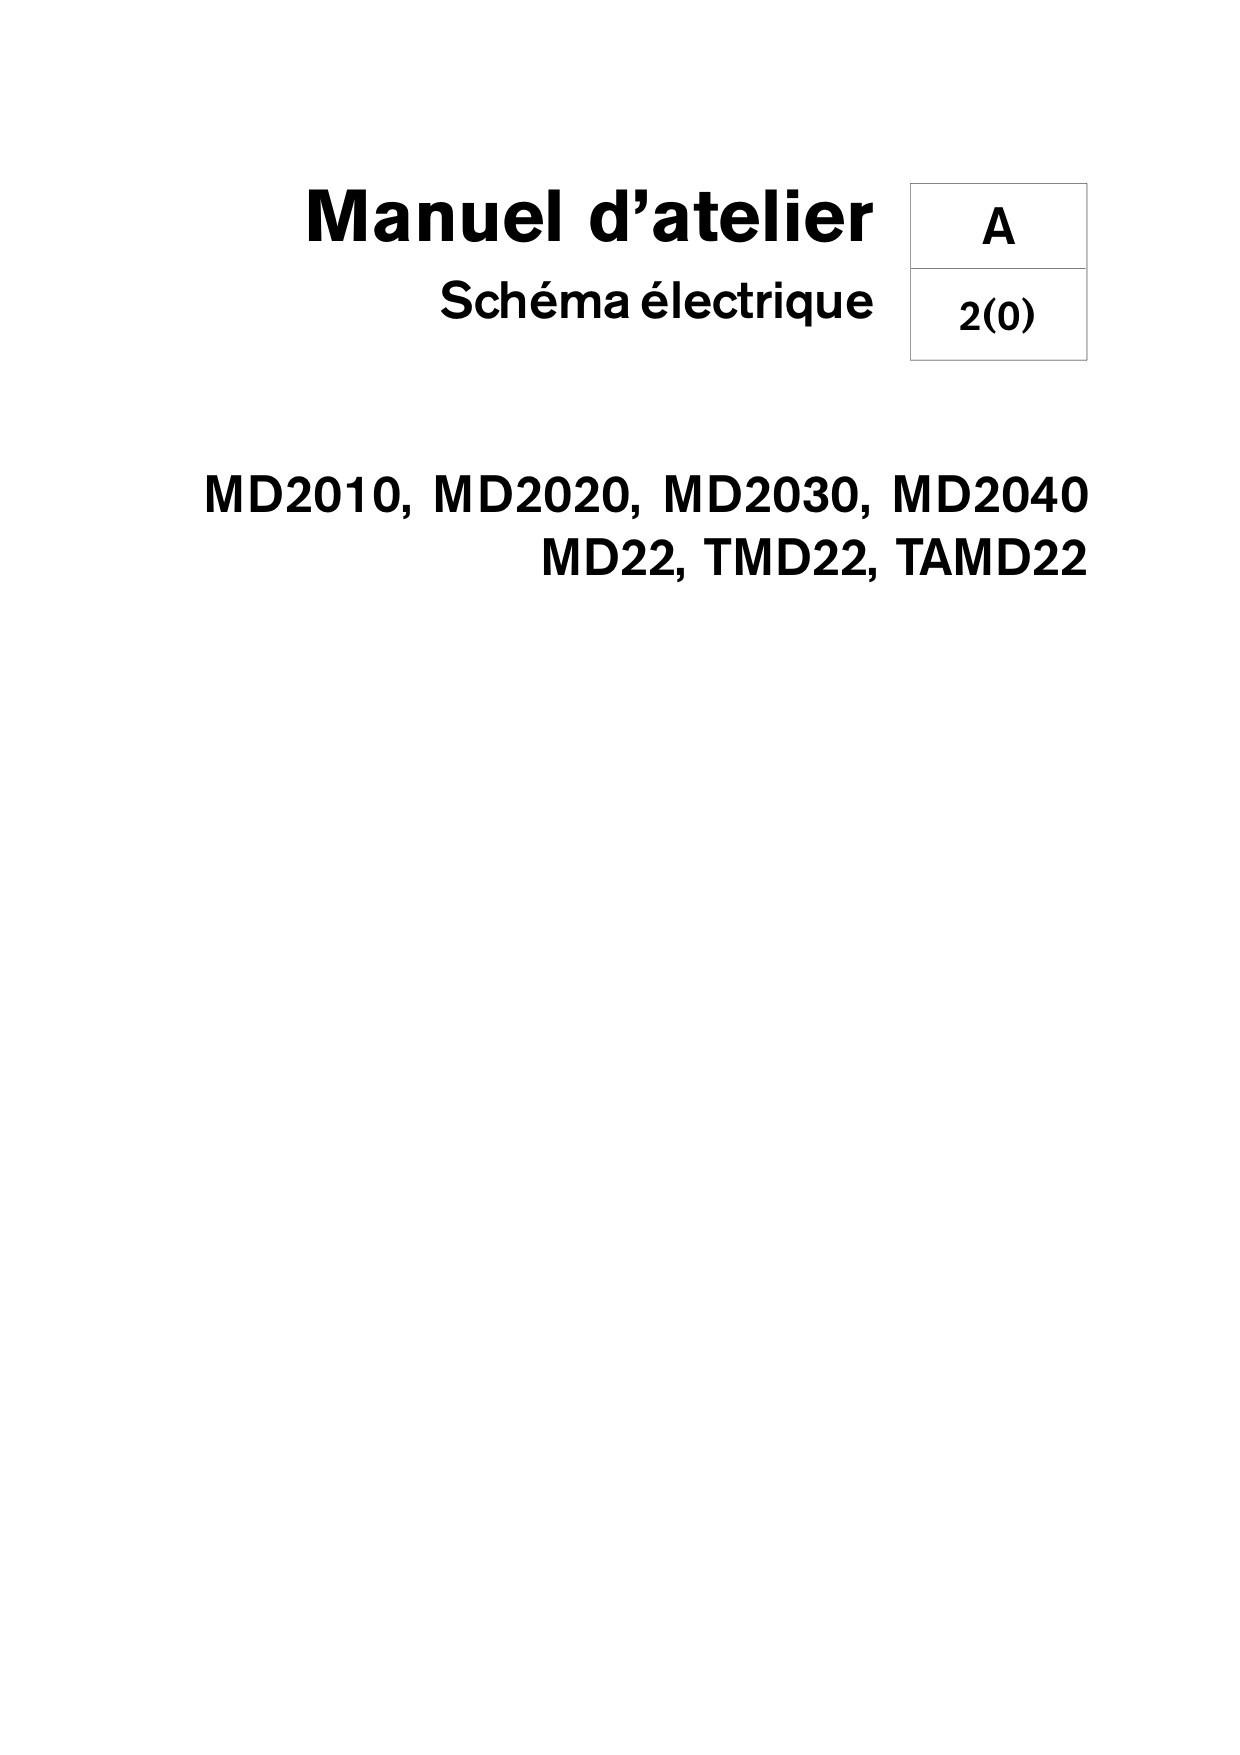 Manuel VOLVO PENTA DIESEL MD2010-MD2020-MD2030-MD2040-MD22 Schéma Electrique